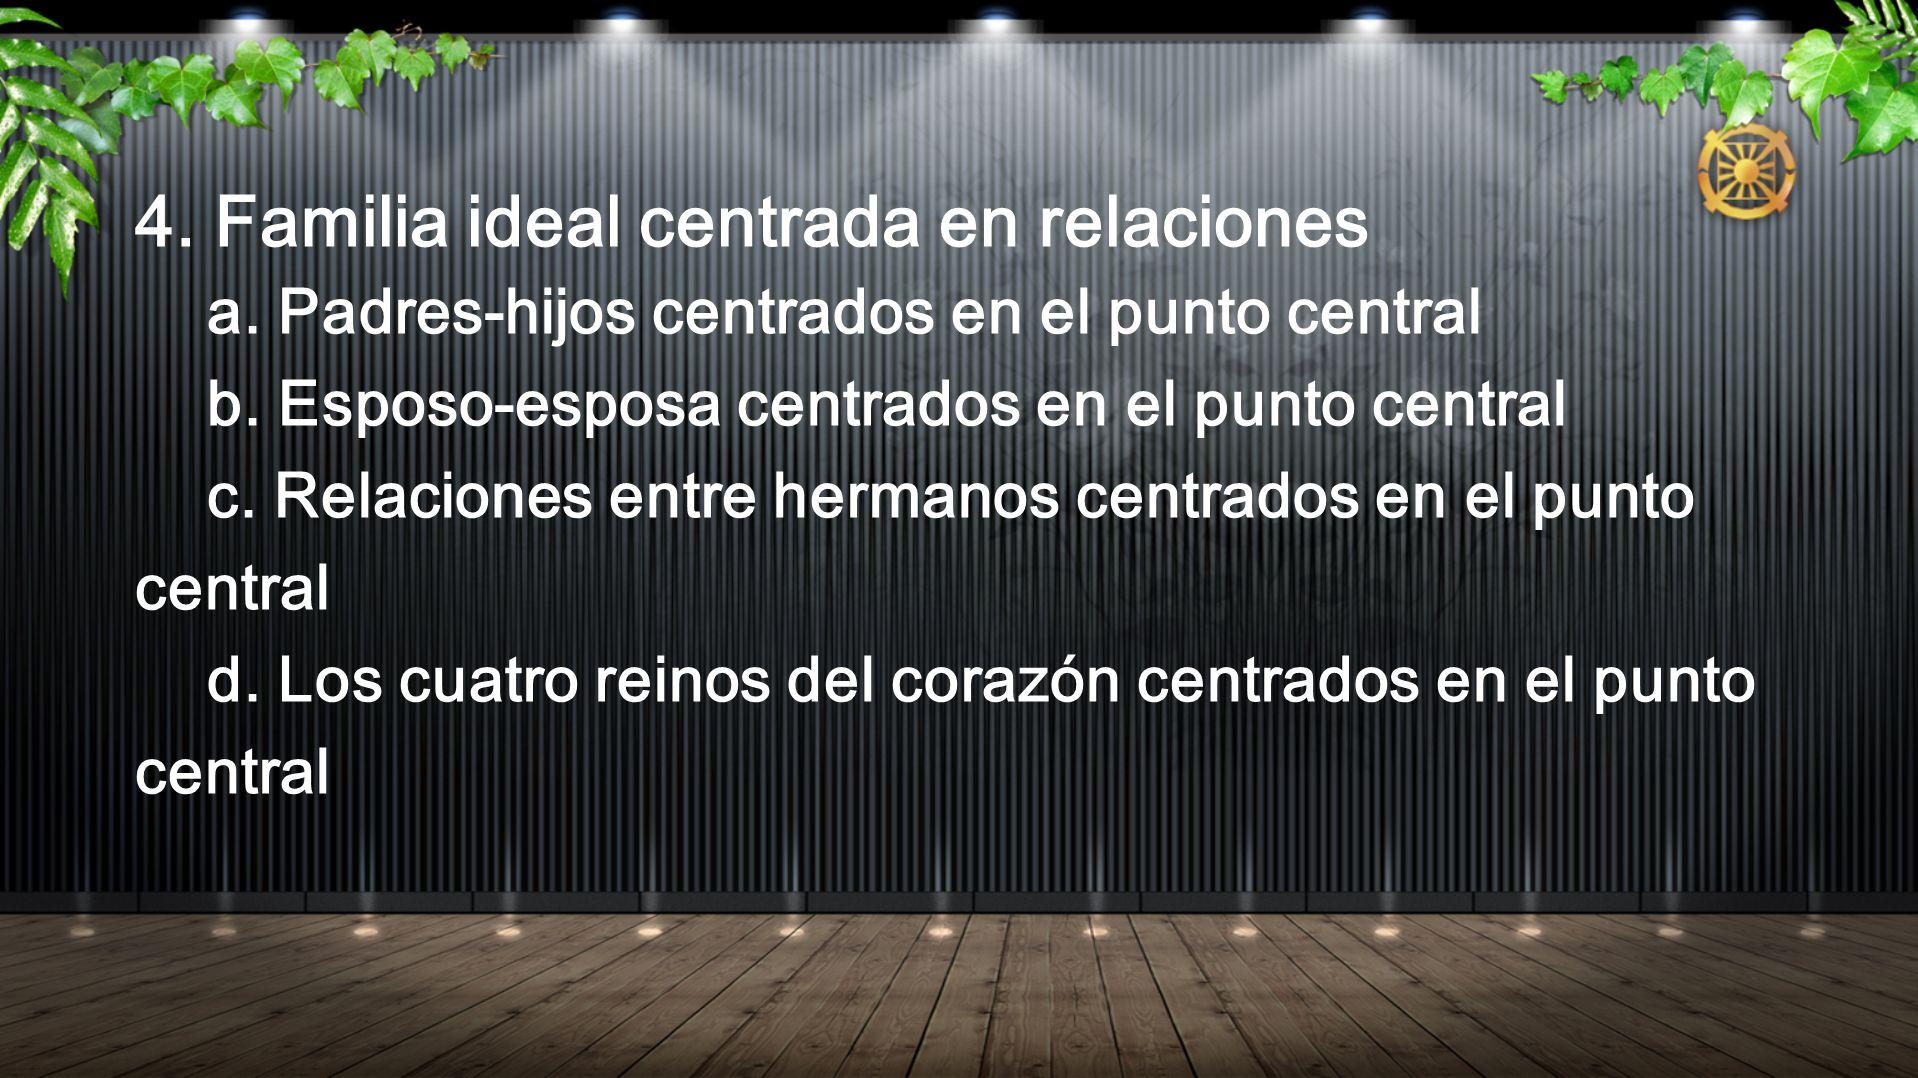 4. Familia ideal centrada en relaciones